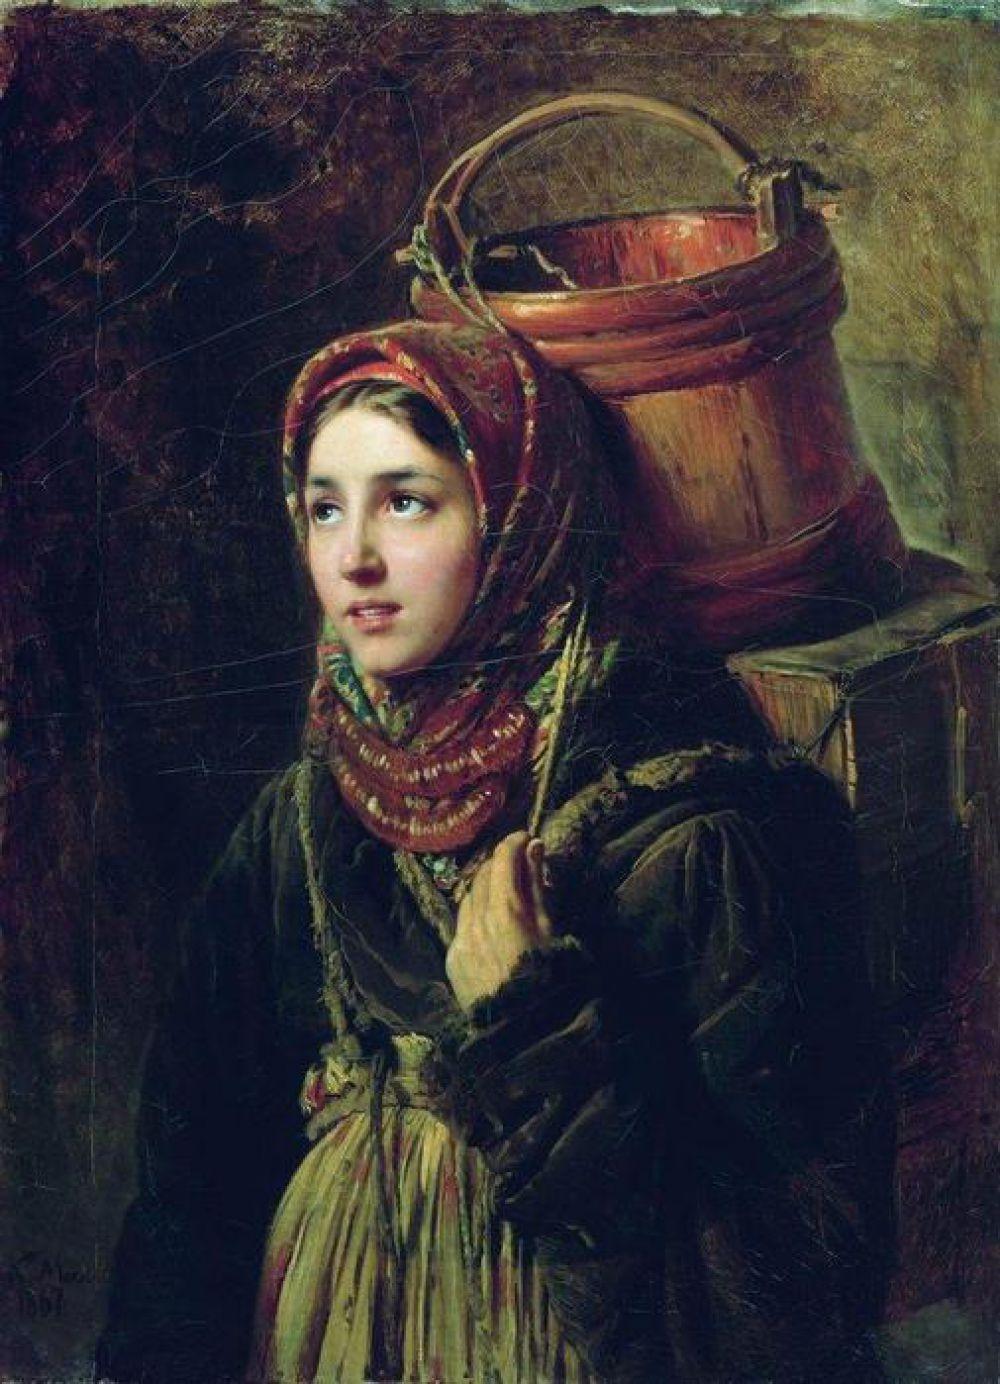 После Академии Маковский присоединился к группе художников, которую возглавлял Иван Крамской. Художник увлекся темой повседневной жизни. Так появились полотна «Вдовушка» (1865) и «Селедочница» (1867), «Маленькие шарманщики у забора зимой» (1868), «Разговоры по хозяйству» (1868).